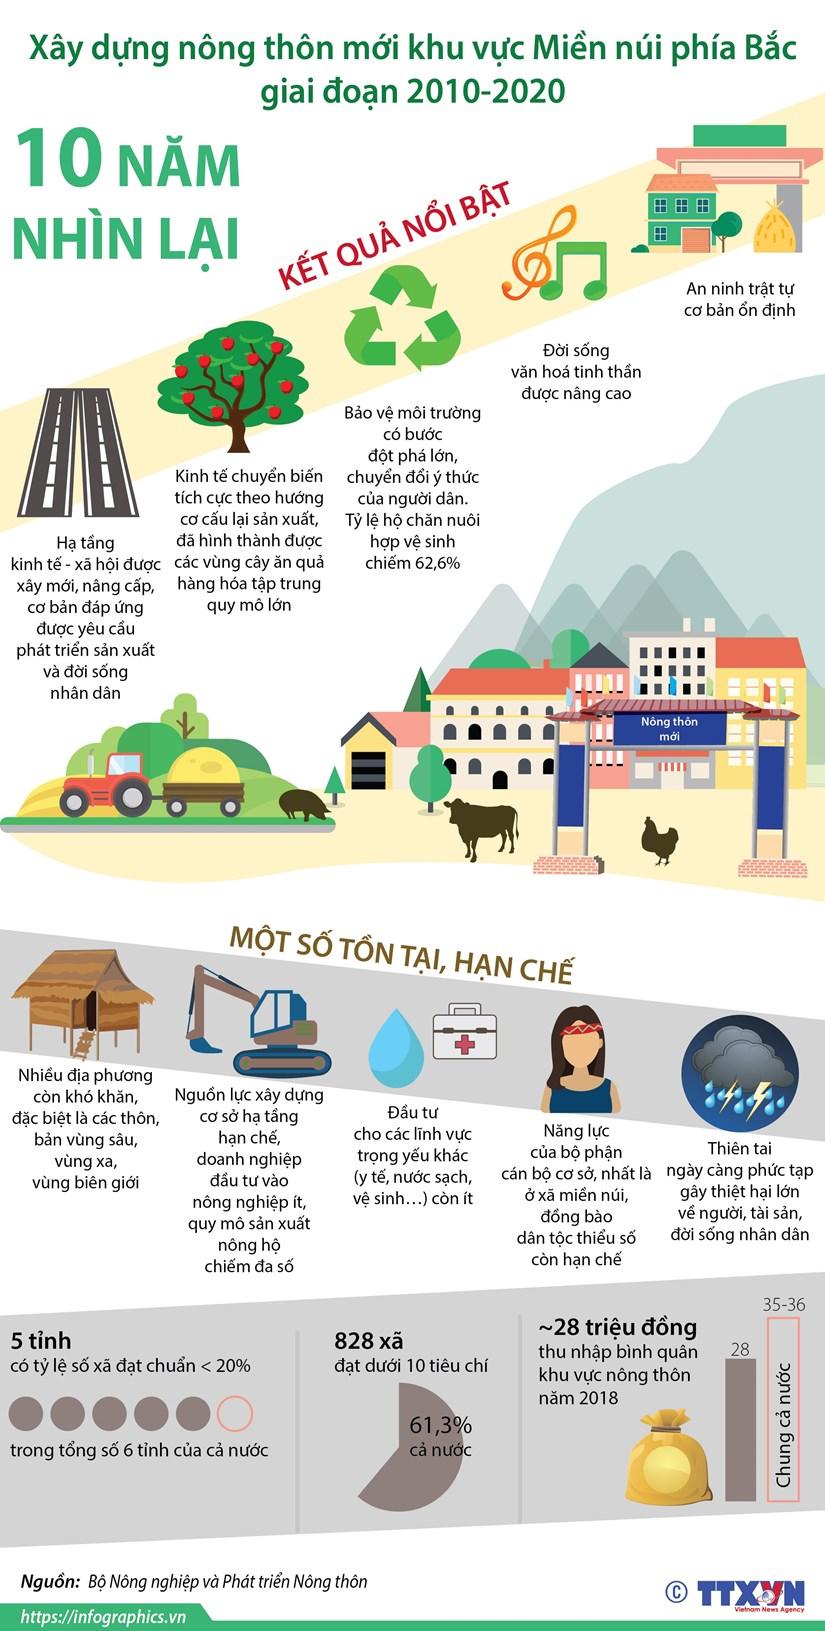 [Infographics] Xay dung nong thon moi khu vuc Mien nui phia Bac hinh anh 1